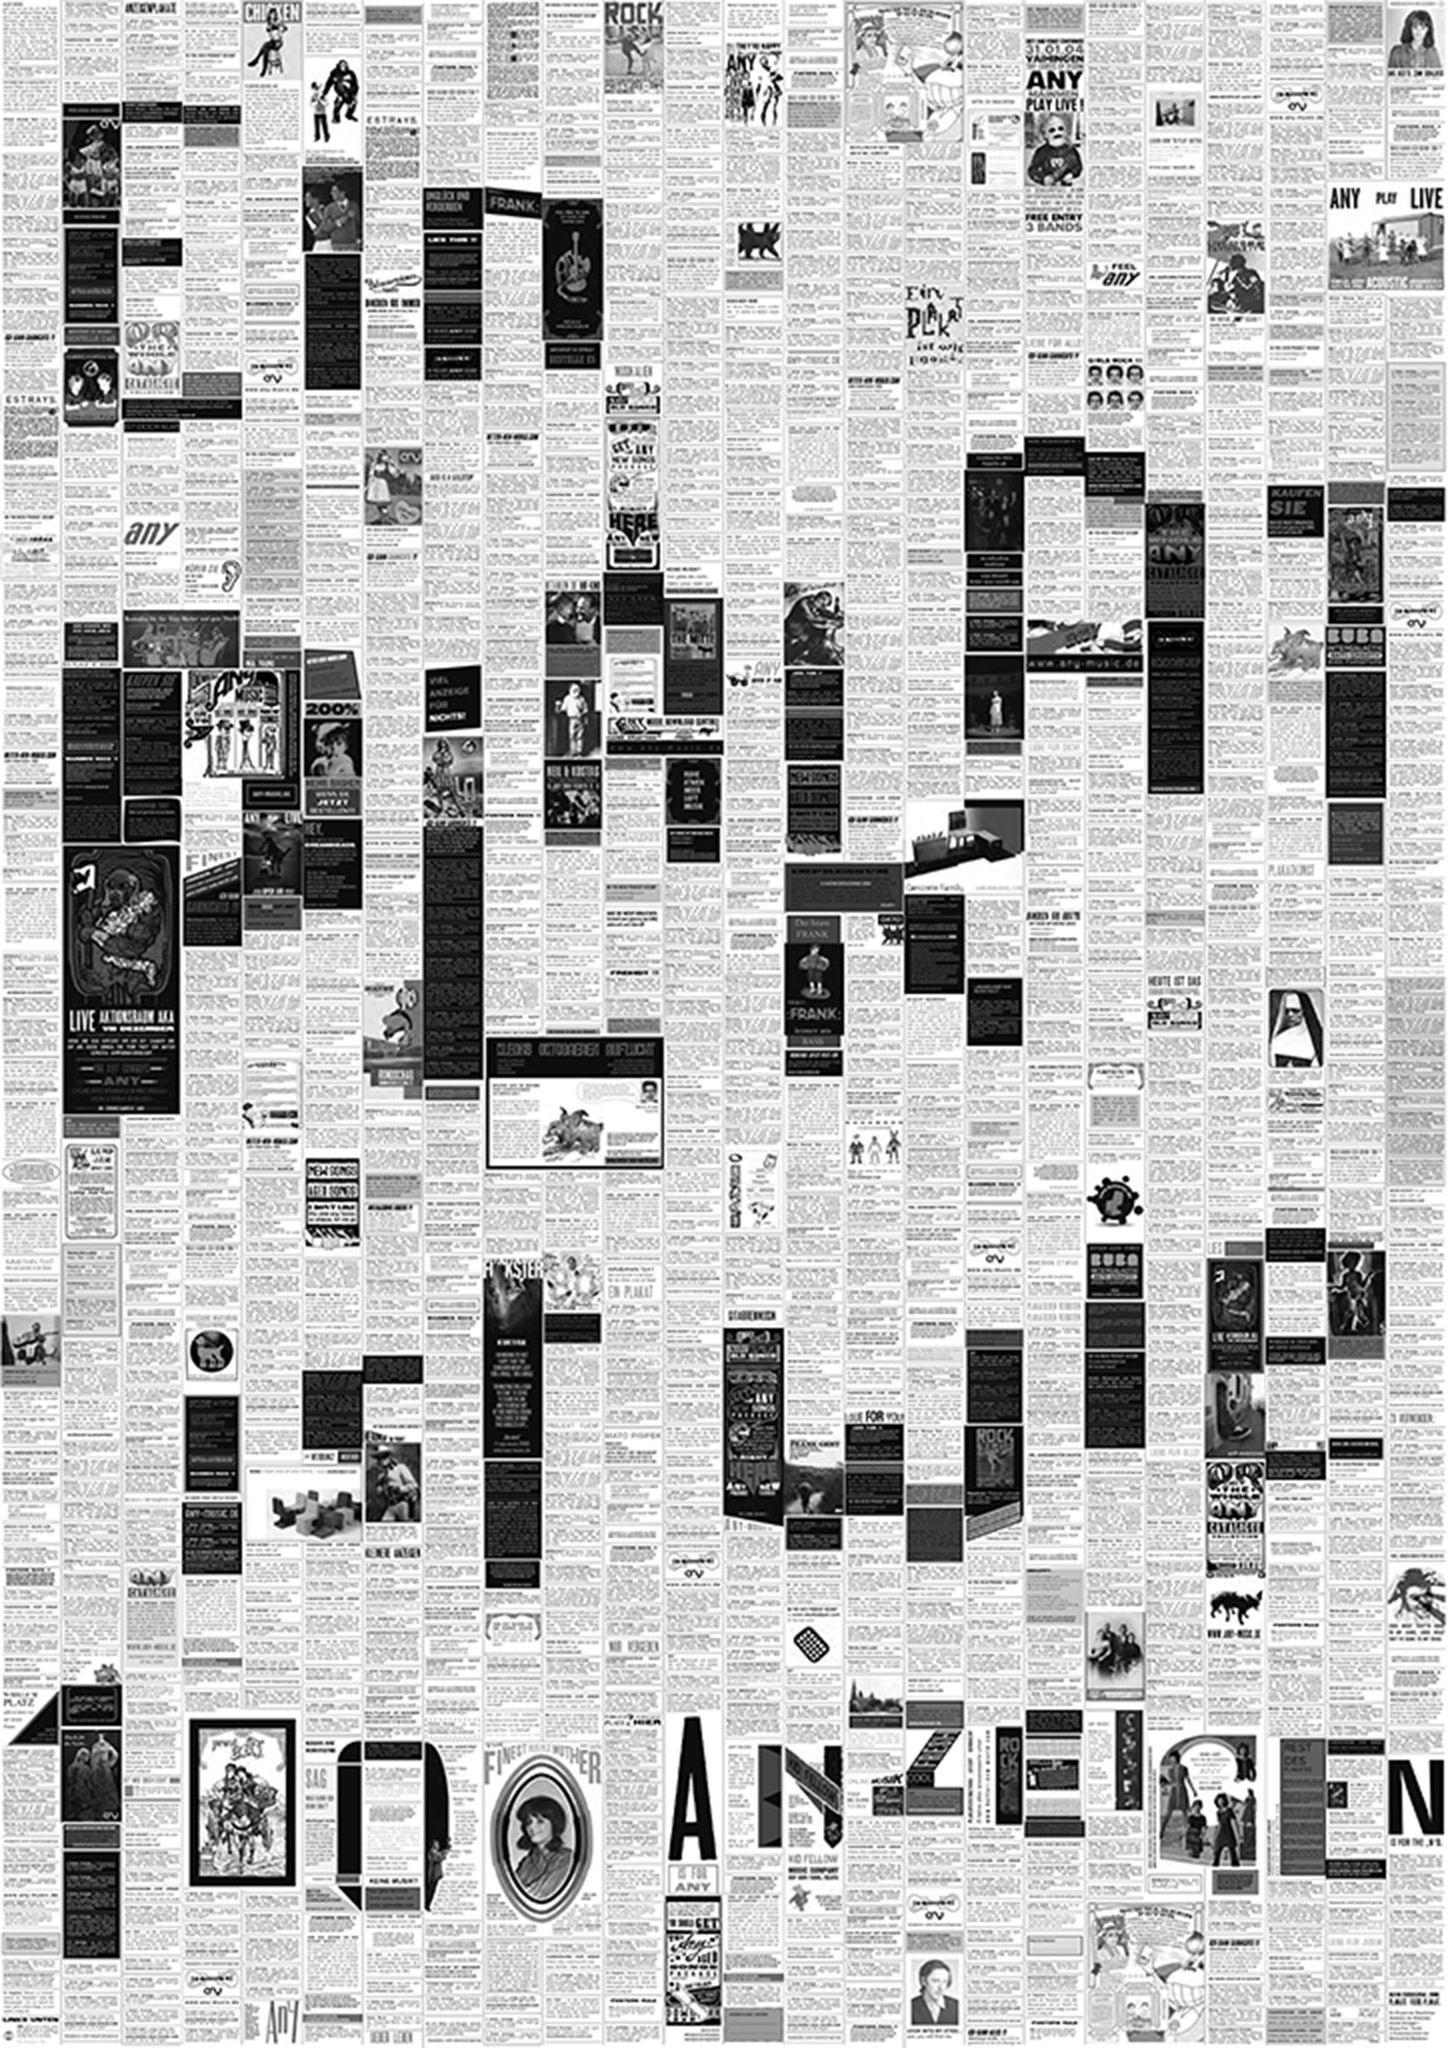 Kleon Medugorac Ein Plakat ist wie 1000 Anzeigen